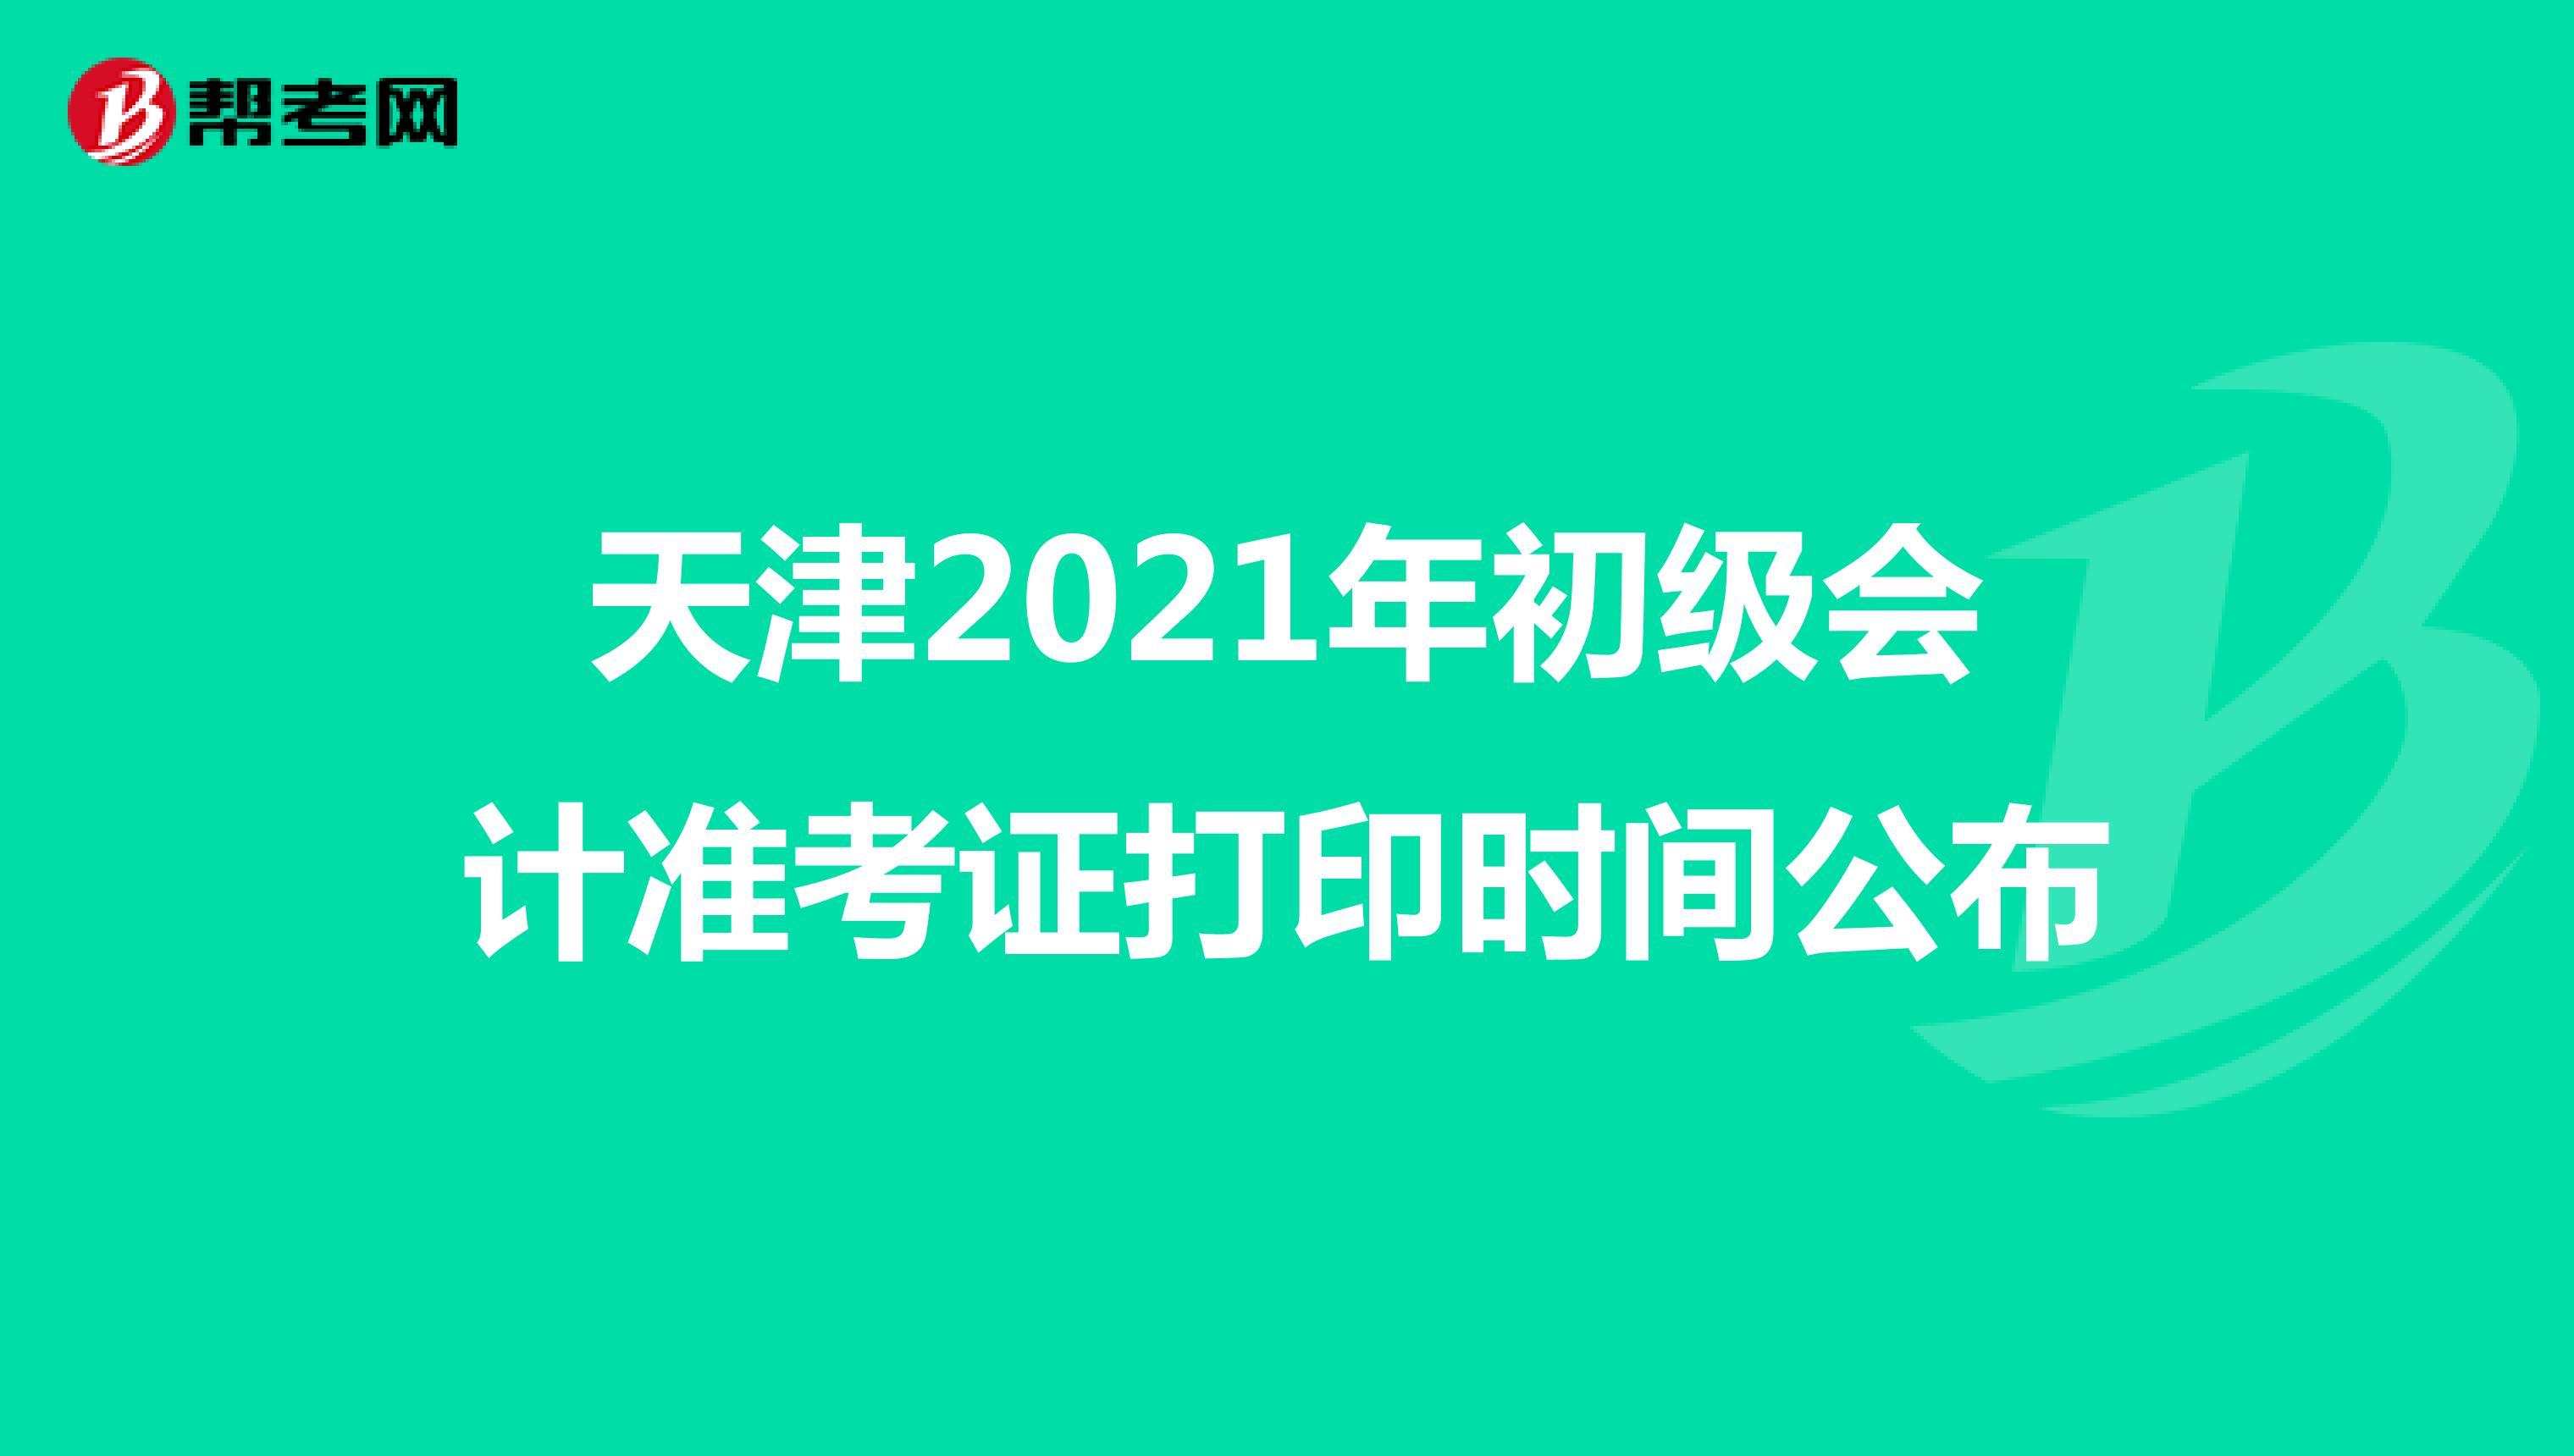 天津2021年初级会计准考证打印时间公布